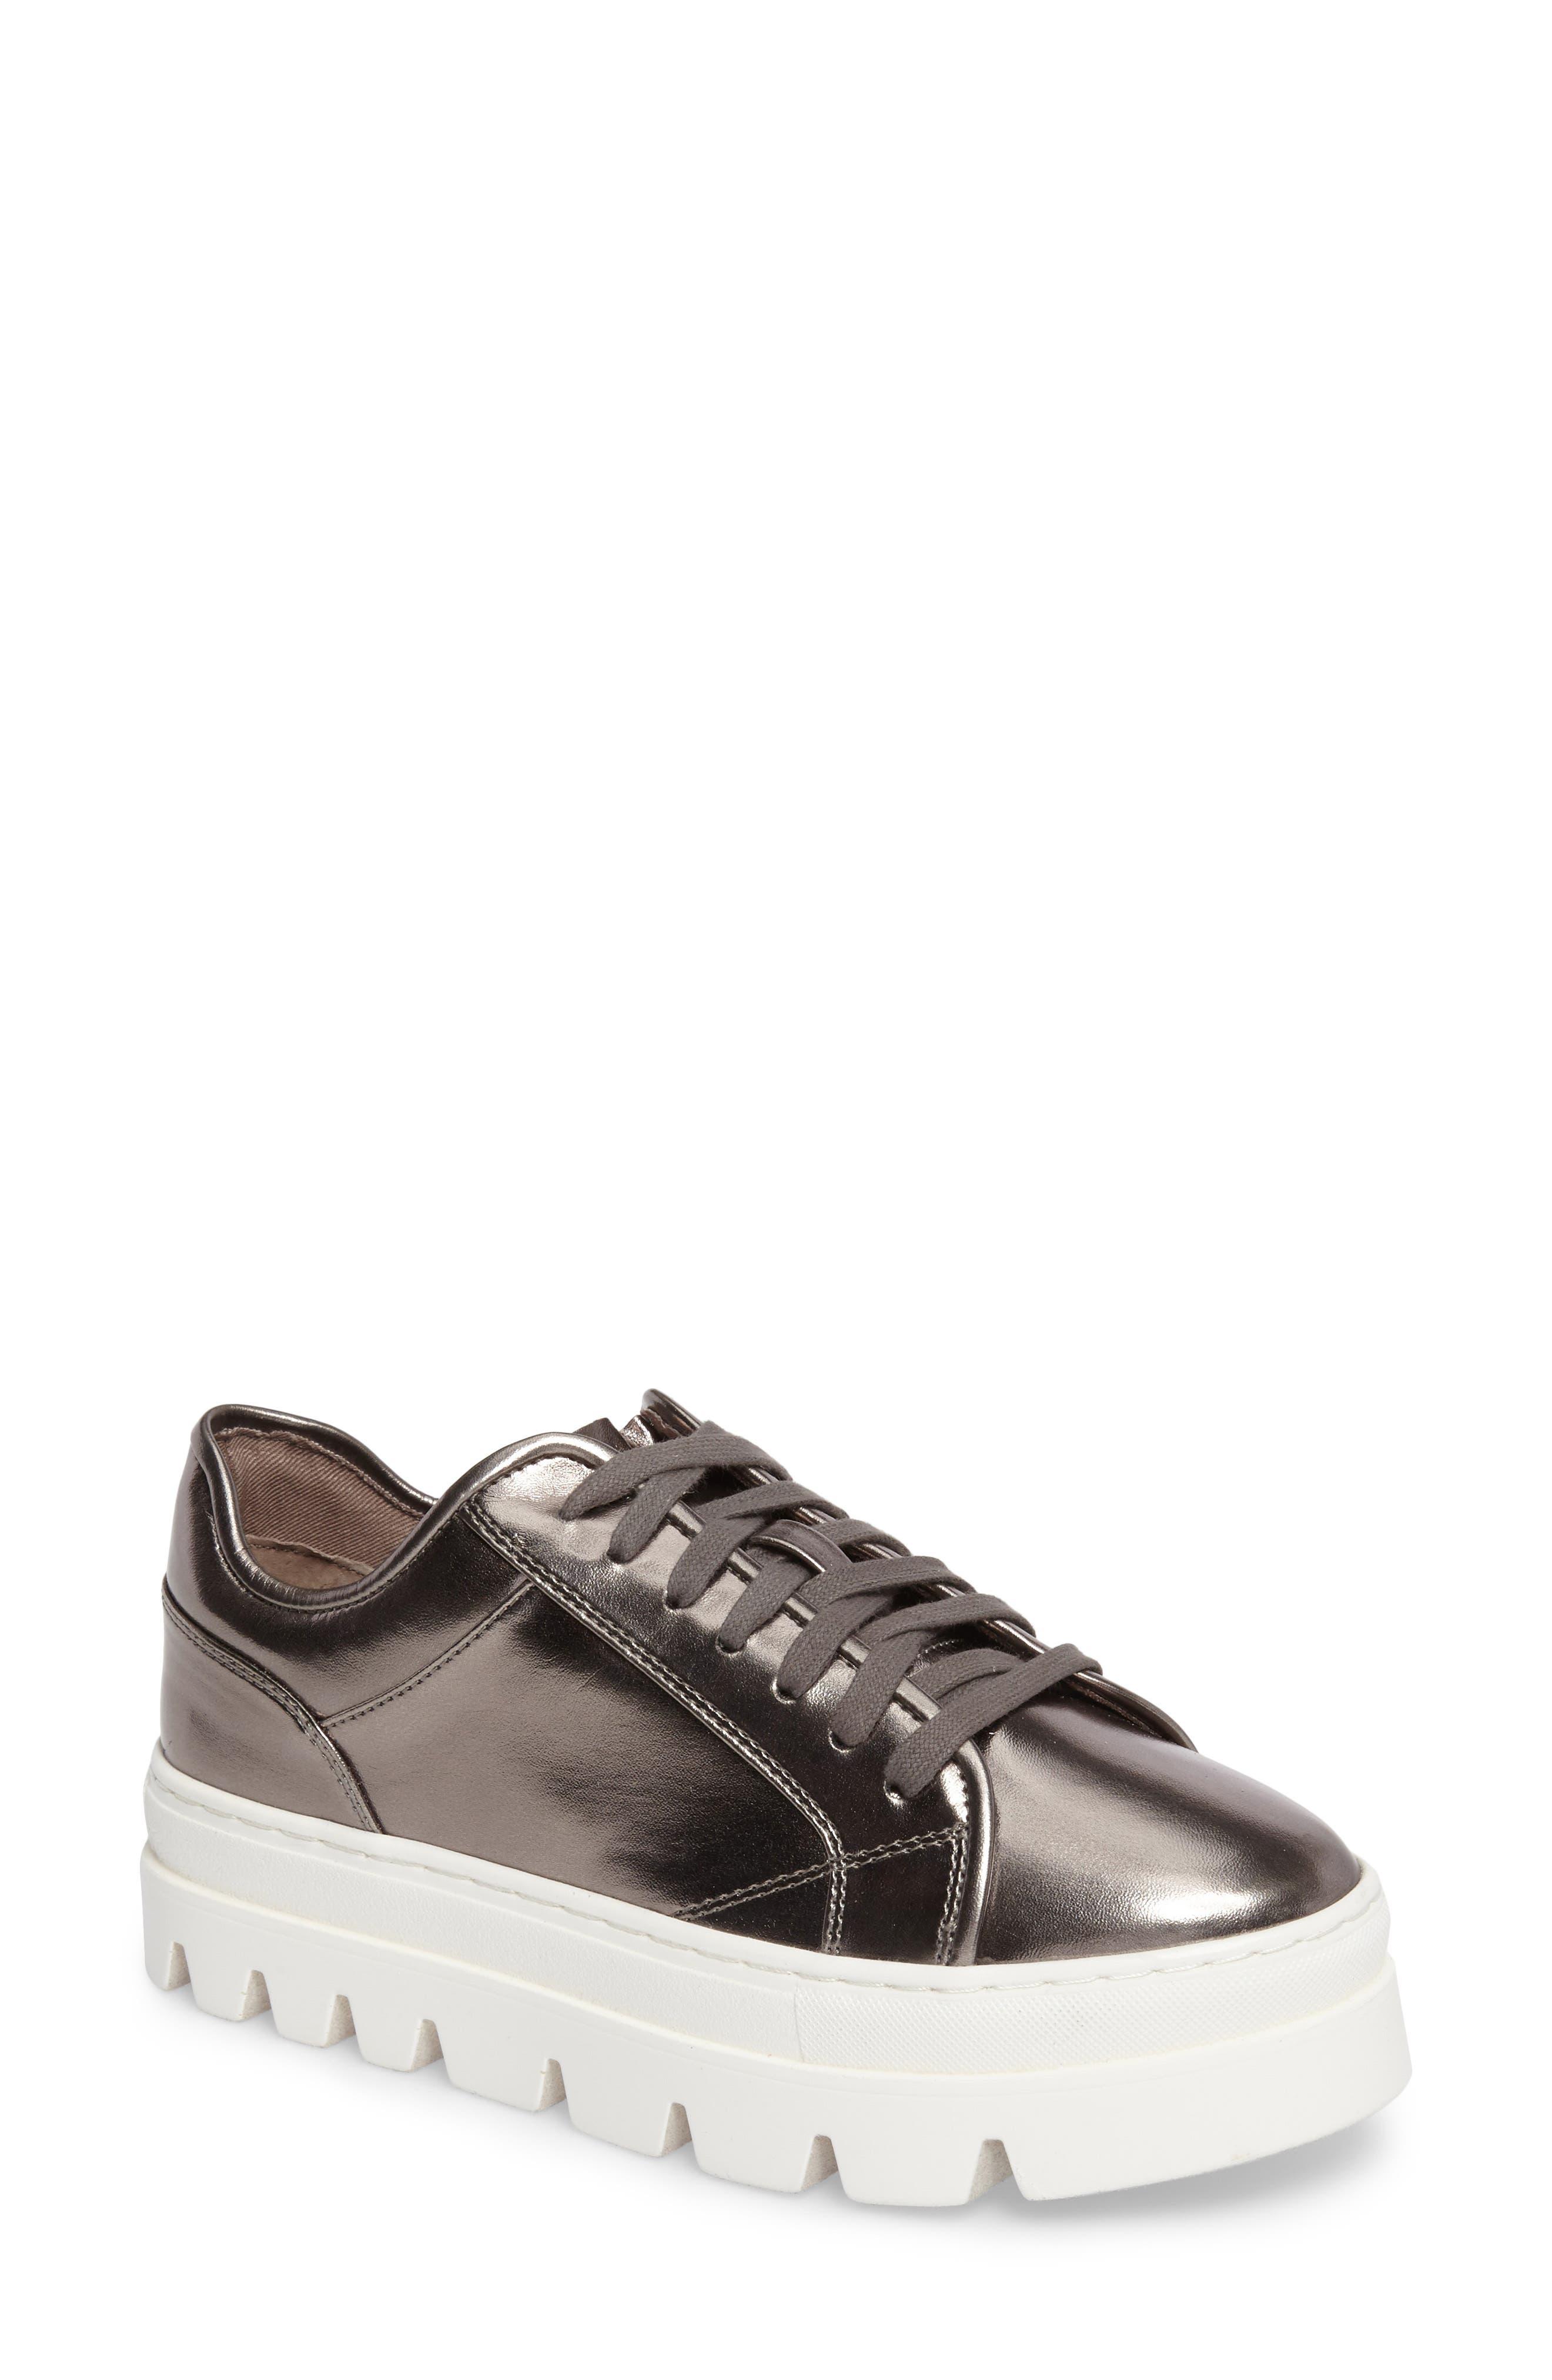 Alternate Image 1 Selected - Steve Madden Kickstart Platform Sneaker (Women)